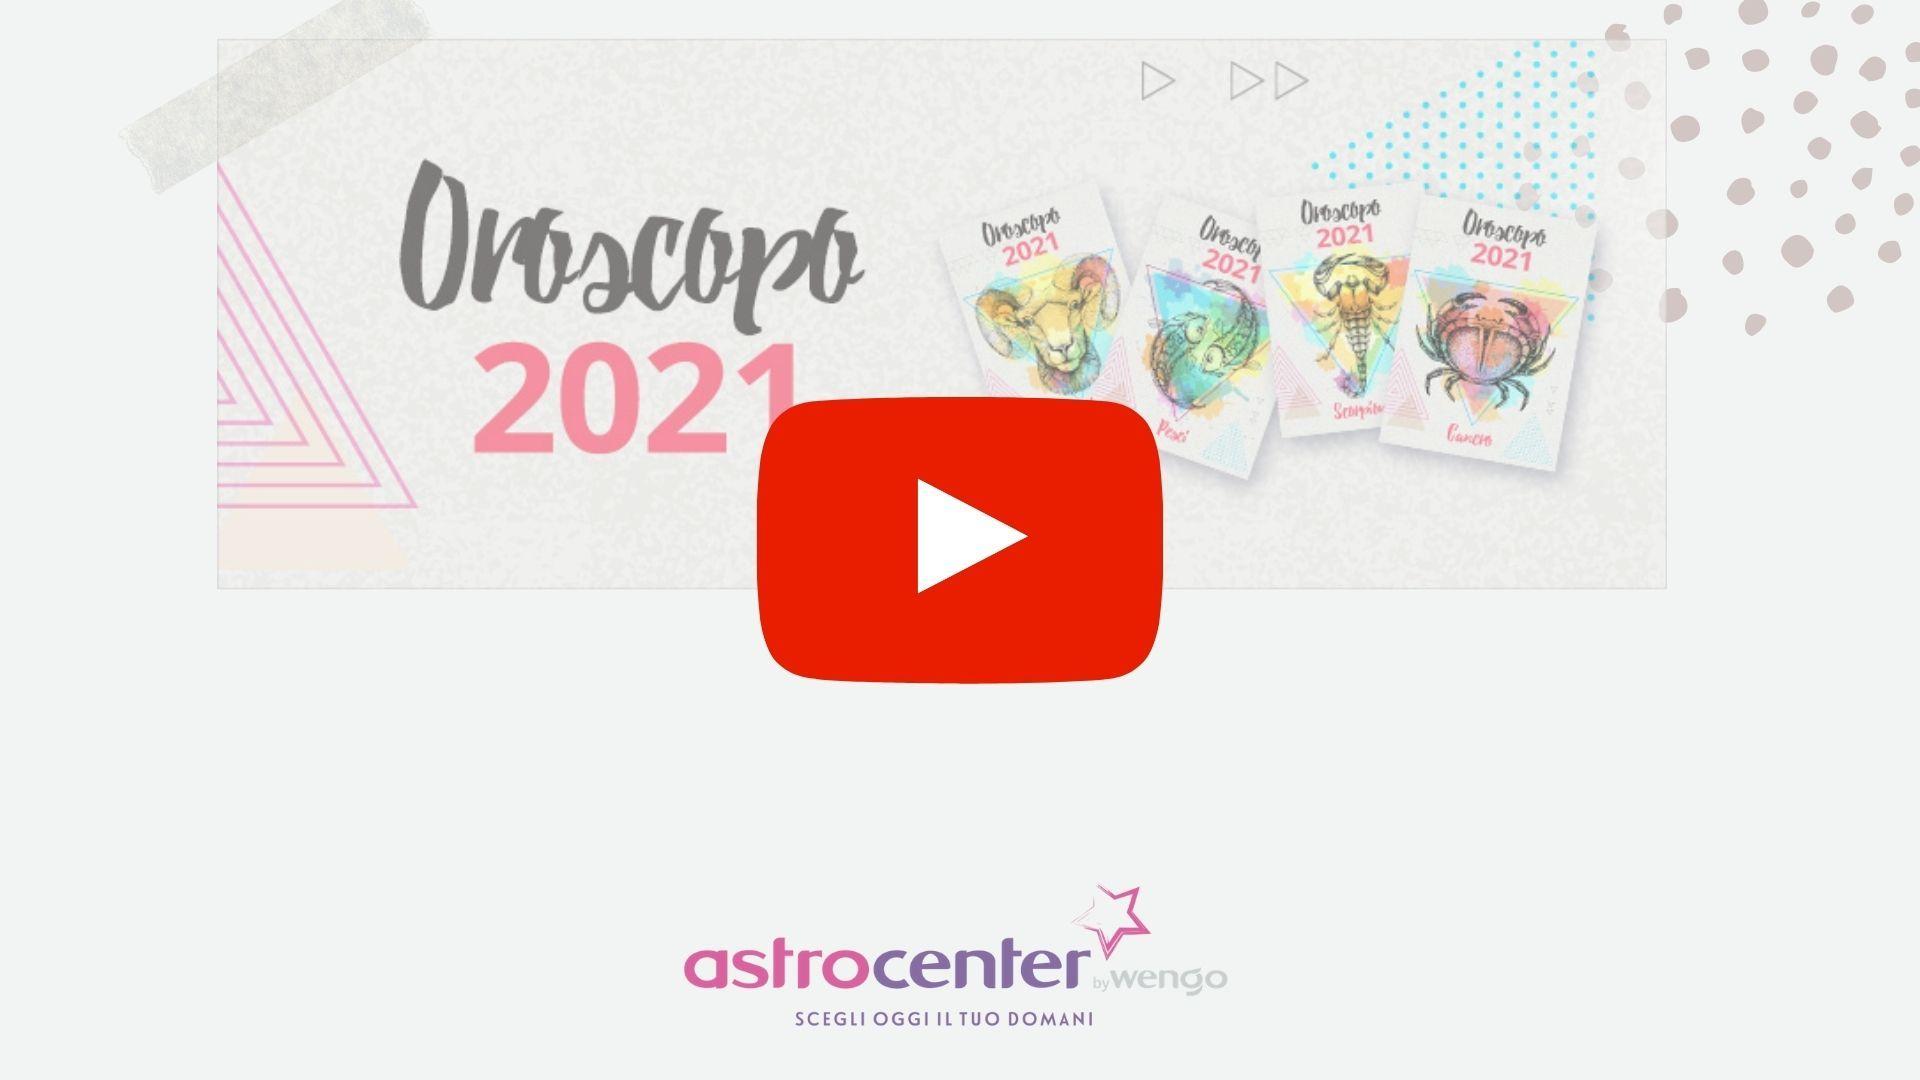 Playlist Oroscopo 2021